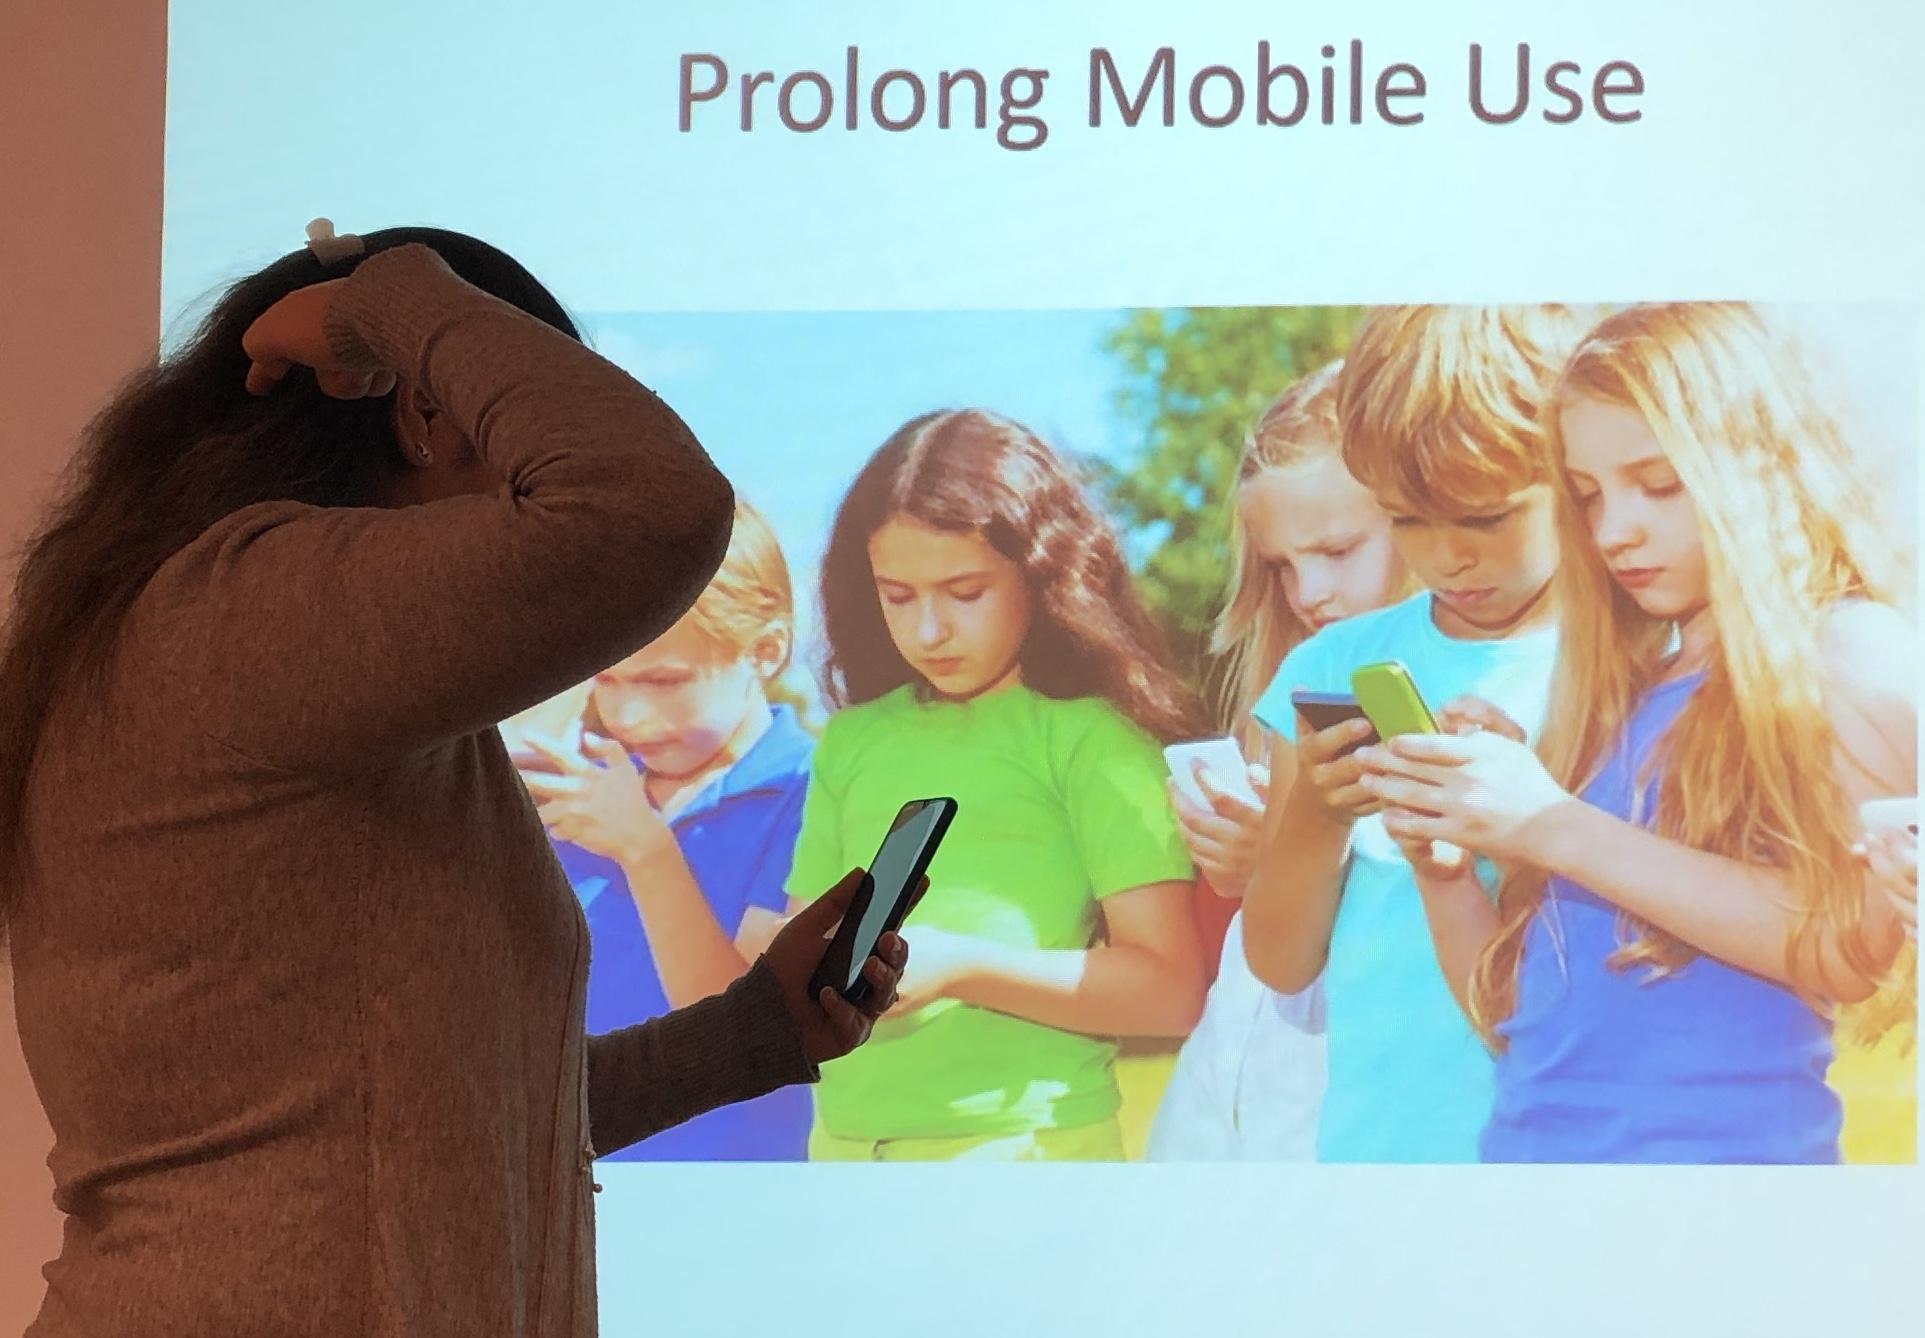 Prolong Mobile Use